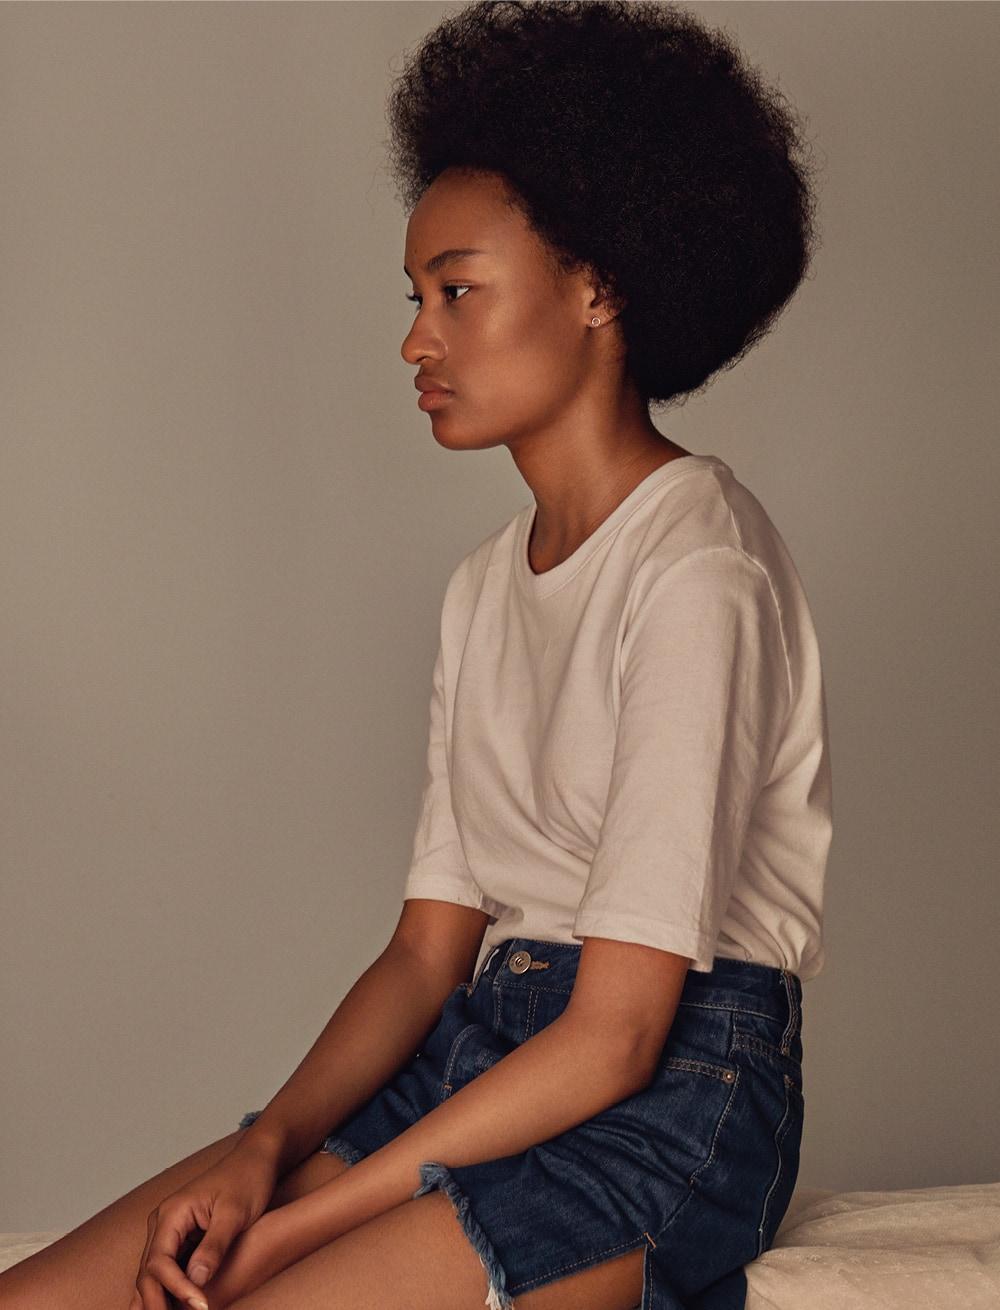 데님 쇼츠는 노앙. 귀고리는 어나더플래닛. 티셔츠는 스타일리스트 소장품.